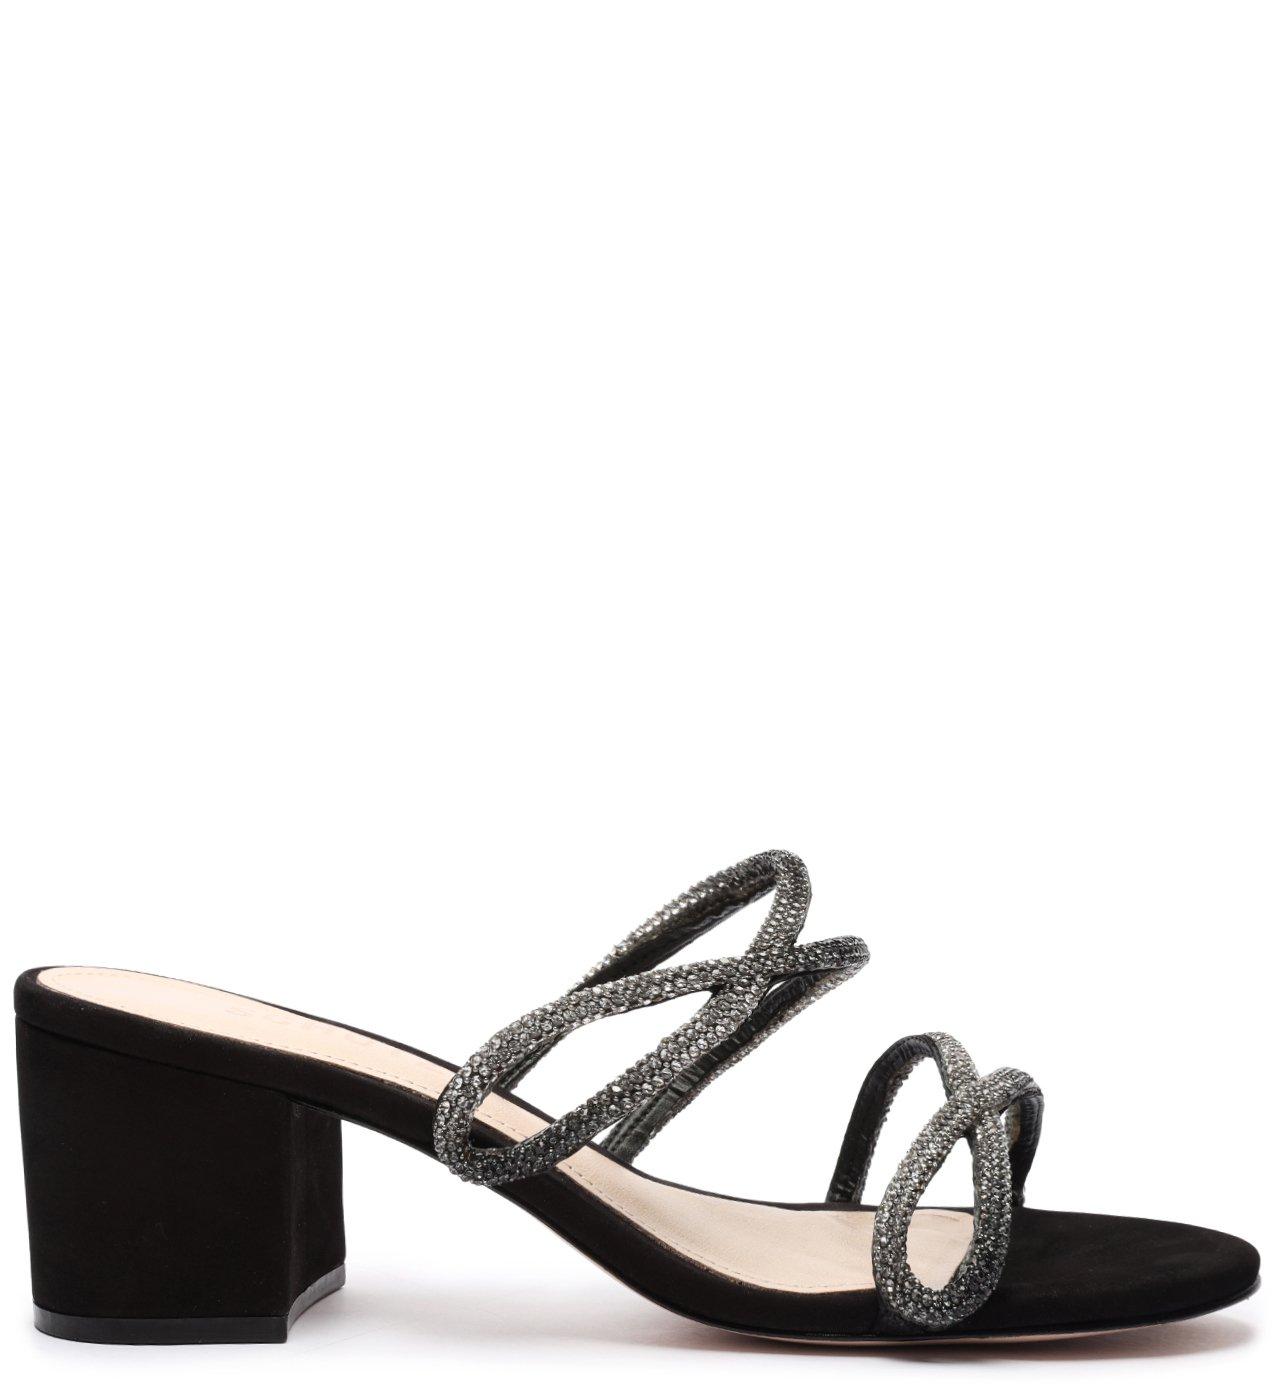 Sandália Mule Block Heel Glam Black | Schutz